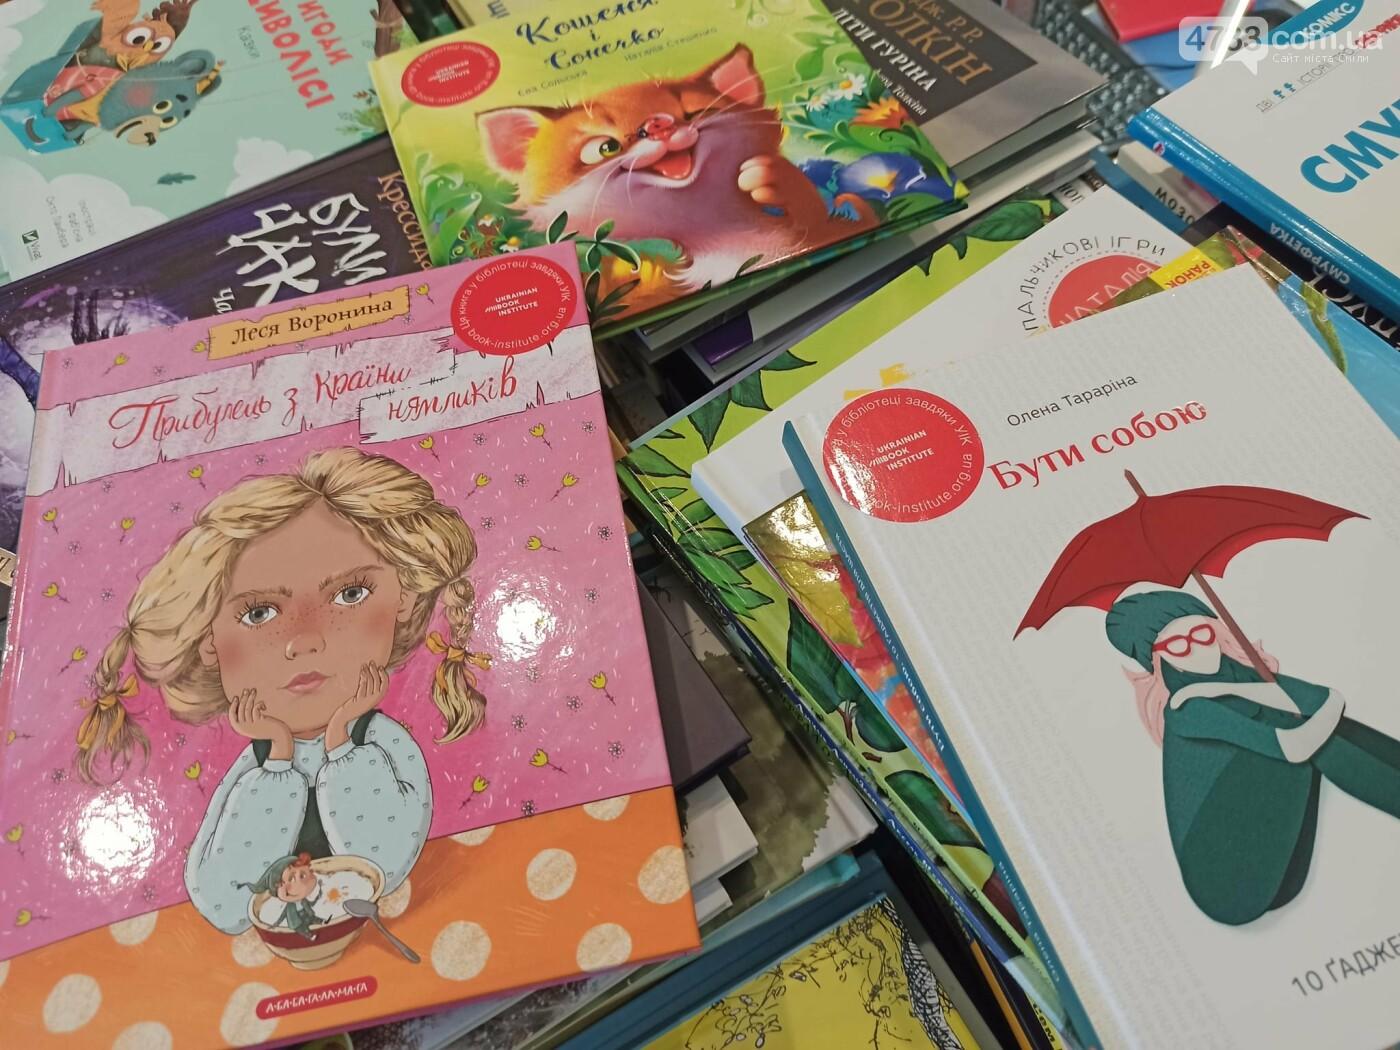 Фонд Центральної дитячої бібліотеки поповнився 510 книгами, фото-3, Дитяча бібліотека